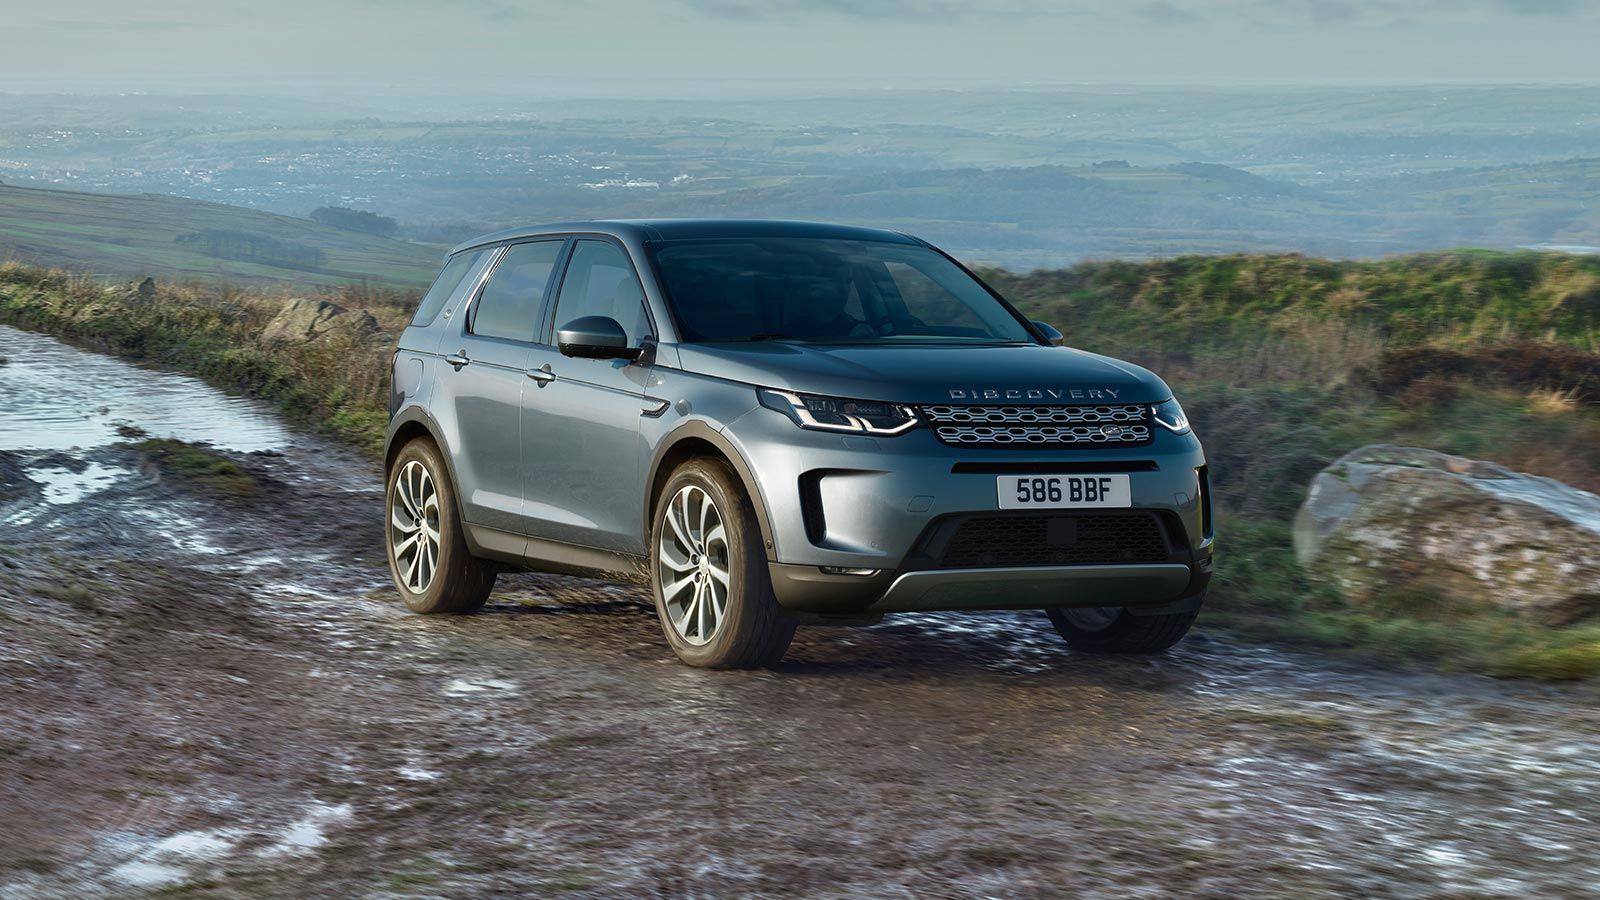 La Land Rover Discovery Sport 2020 precio en México presenta numerosos cambios estéticos y mecánicos